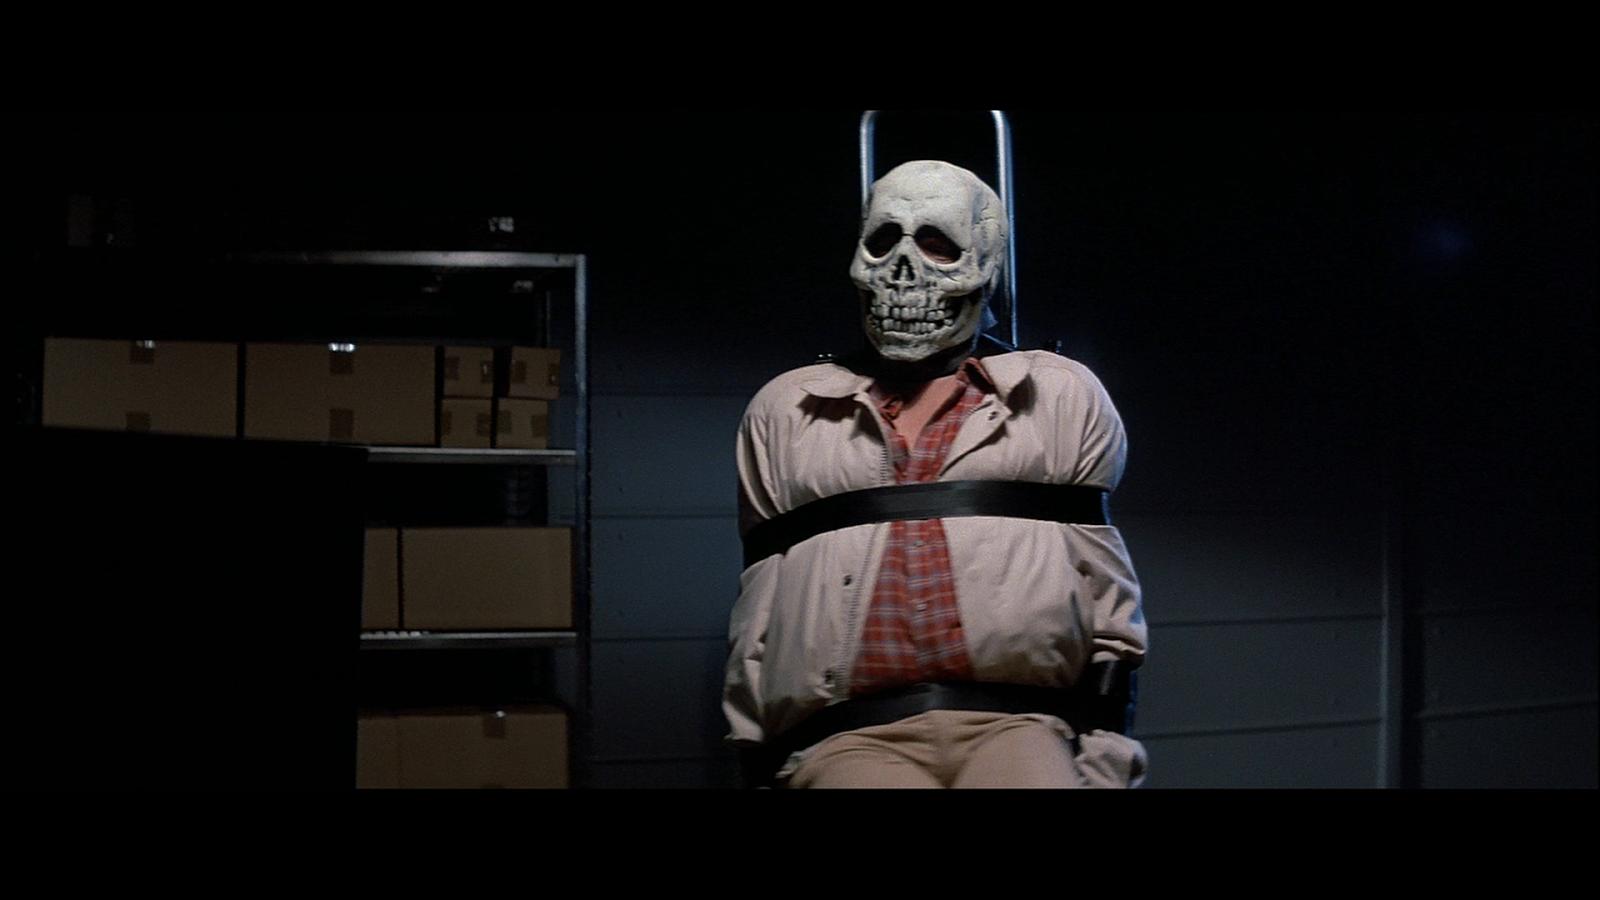 Happyotter: HALLOWEEN III: SEASON OF THE WITCH (1982)